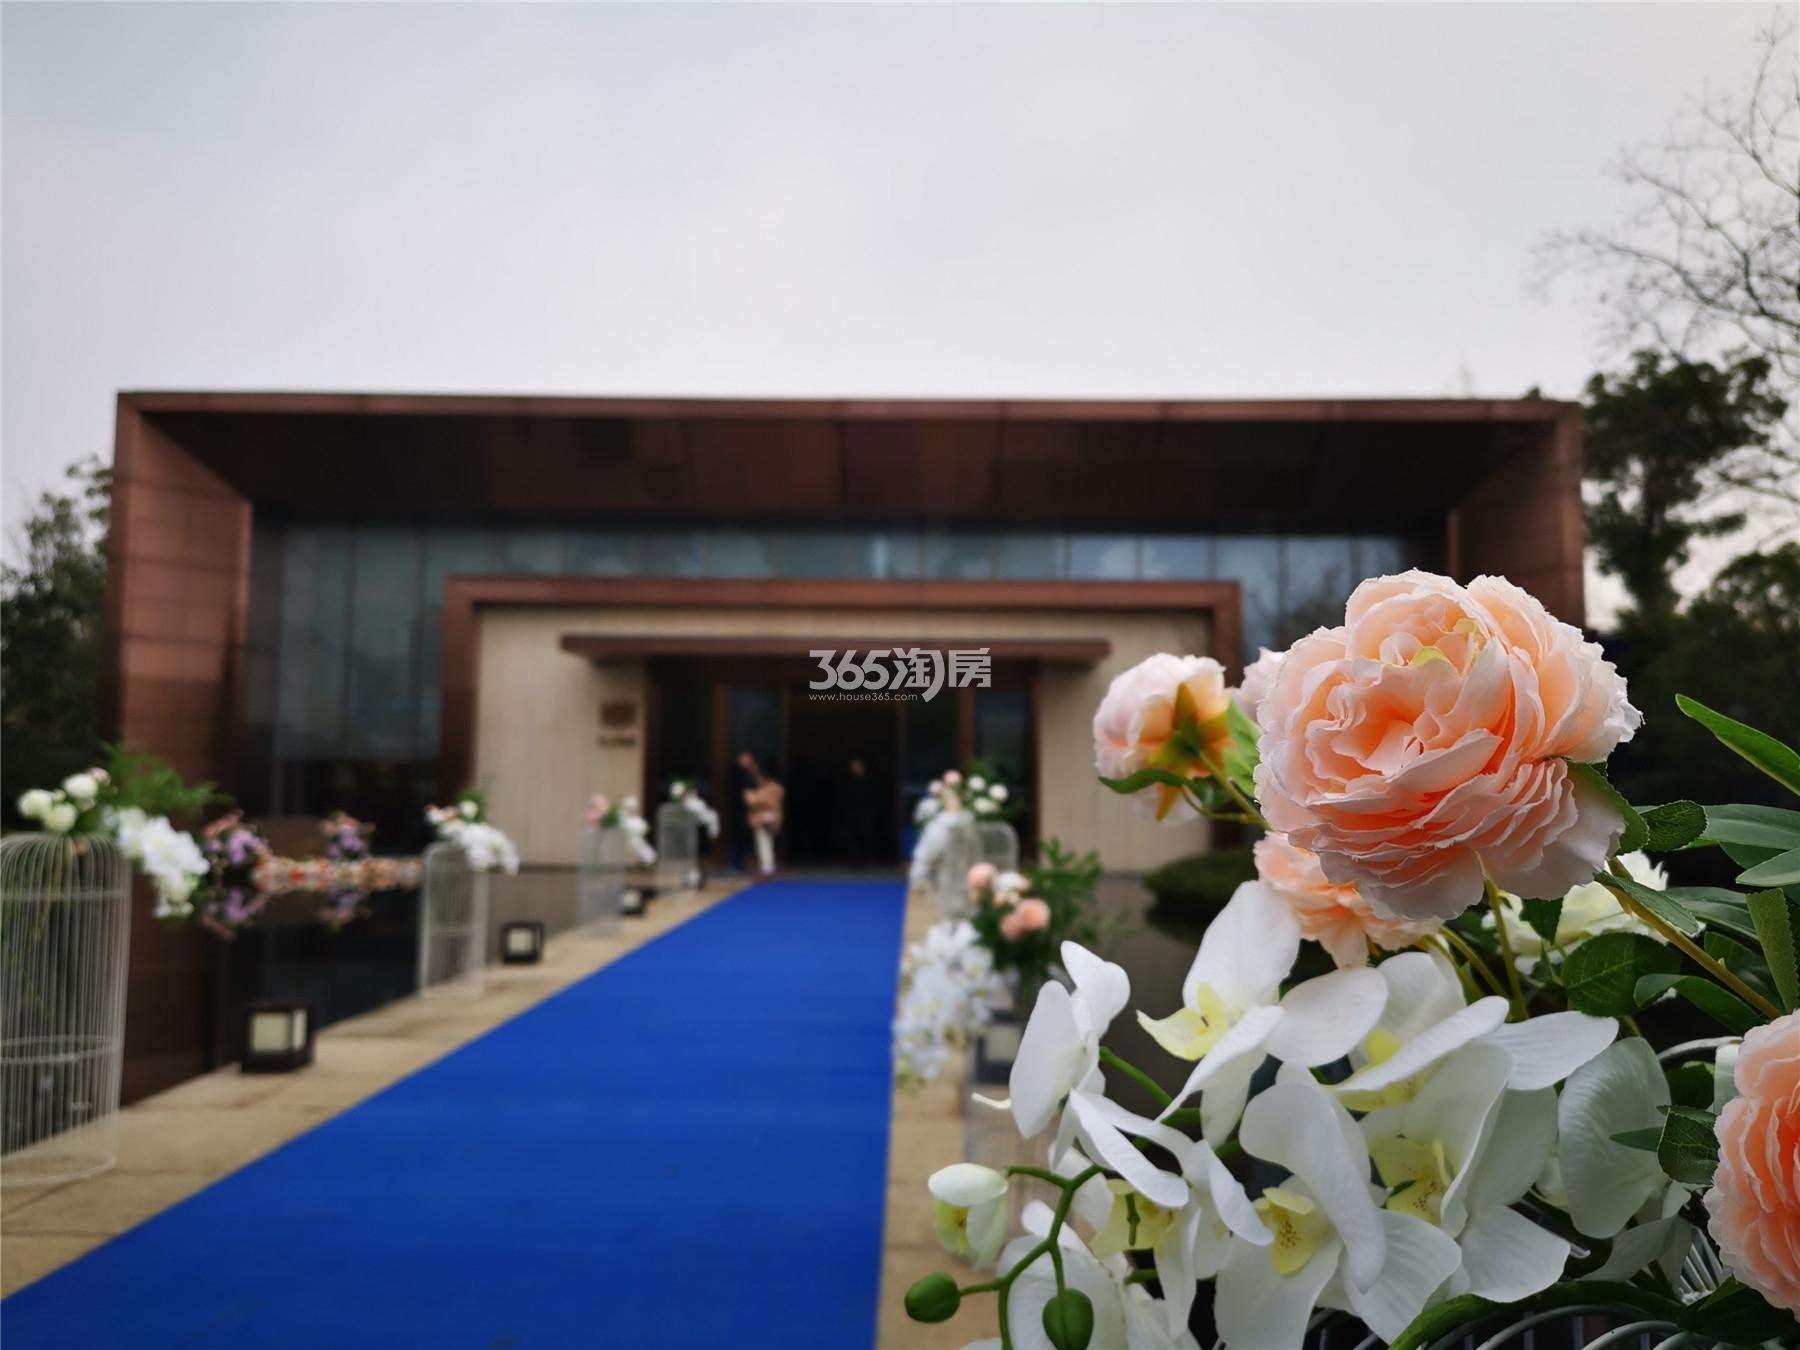 中南上悦花苑(原中南上悦城)实景图